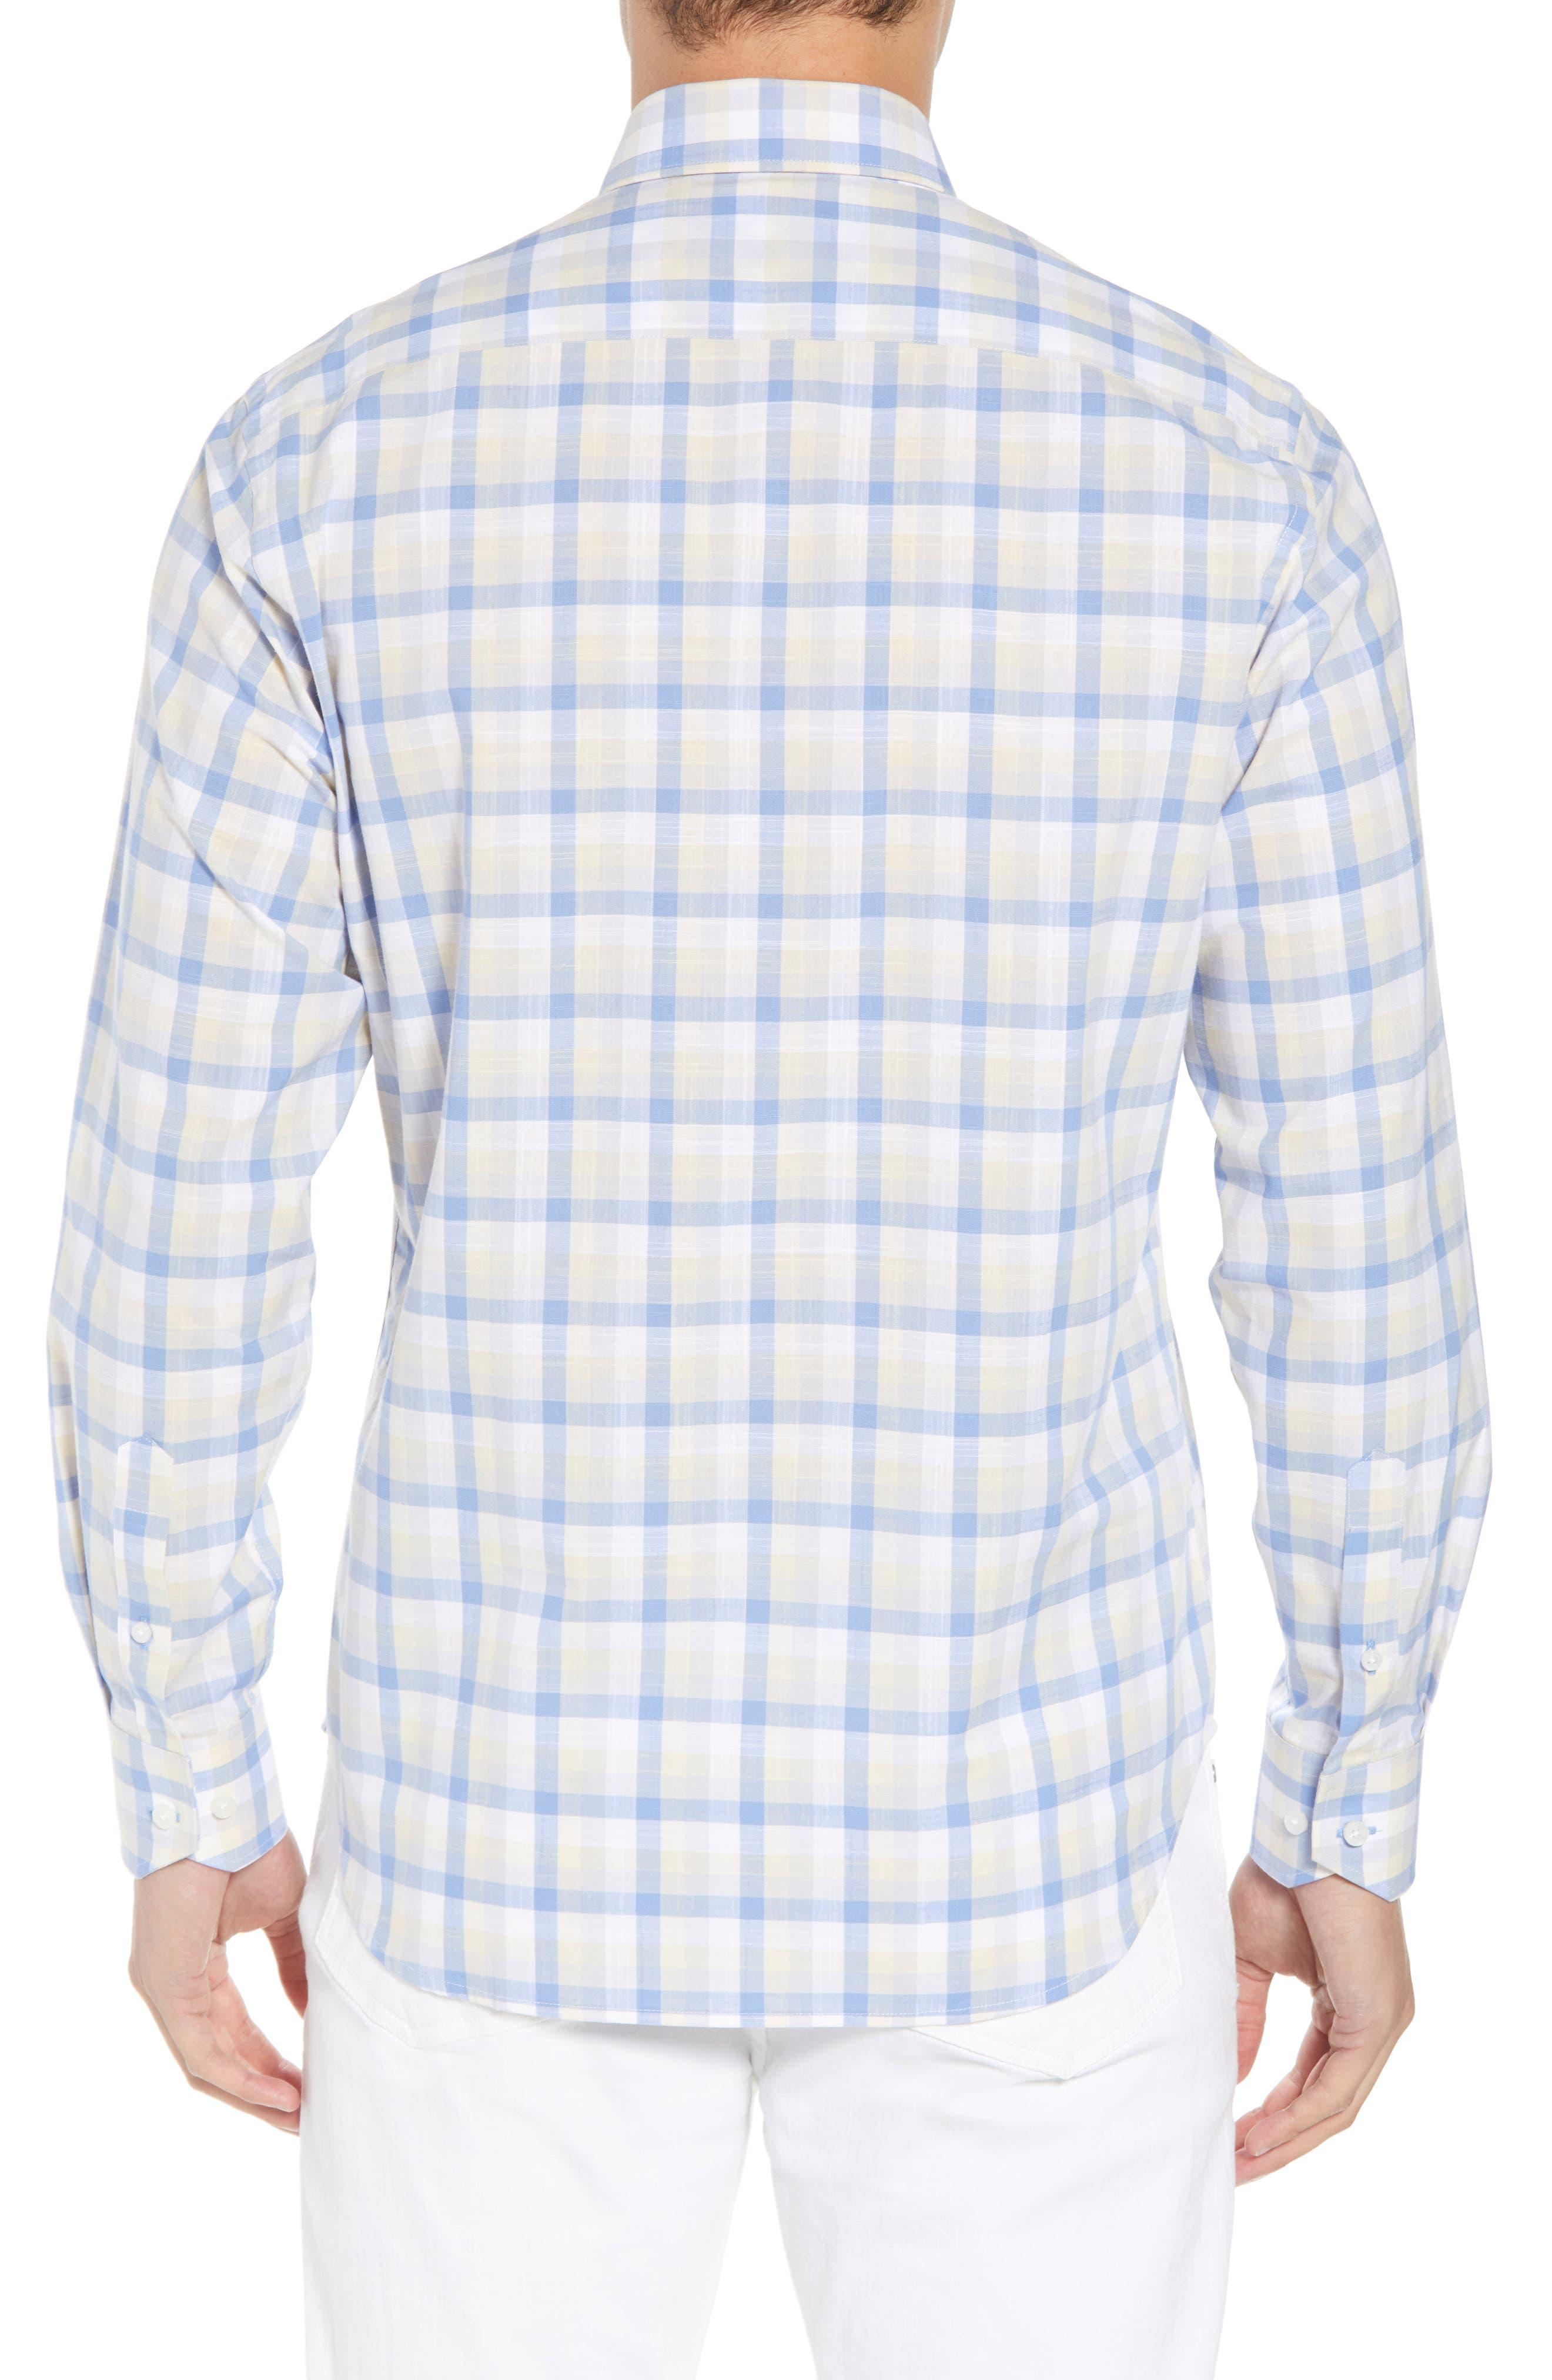 Hobbes Regular Fit Check Sport Shirt,                             Alternate thumbnail 2, color,                             450